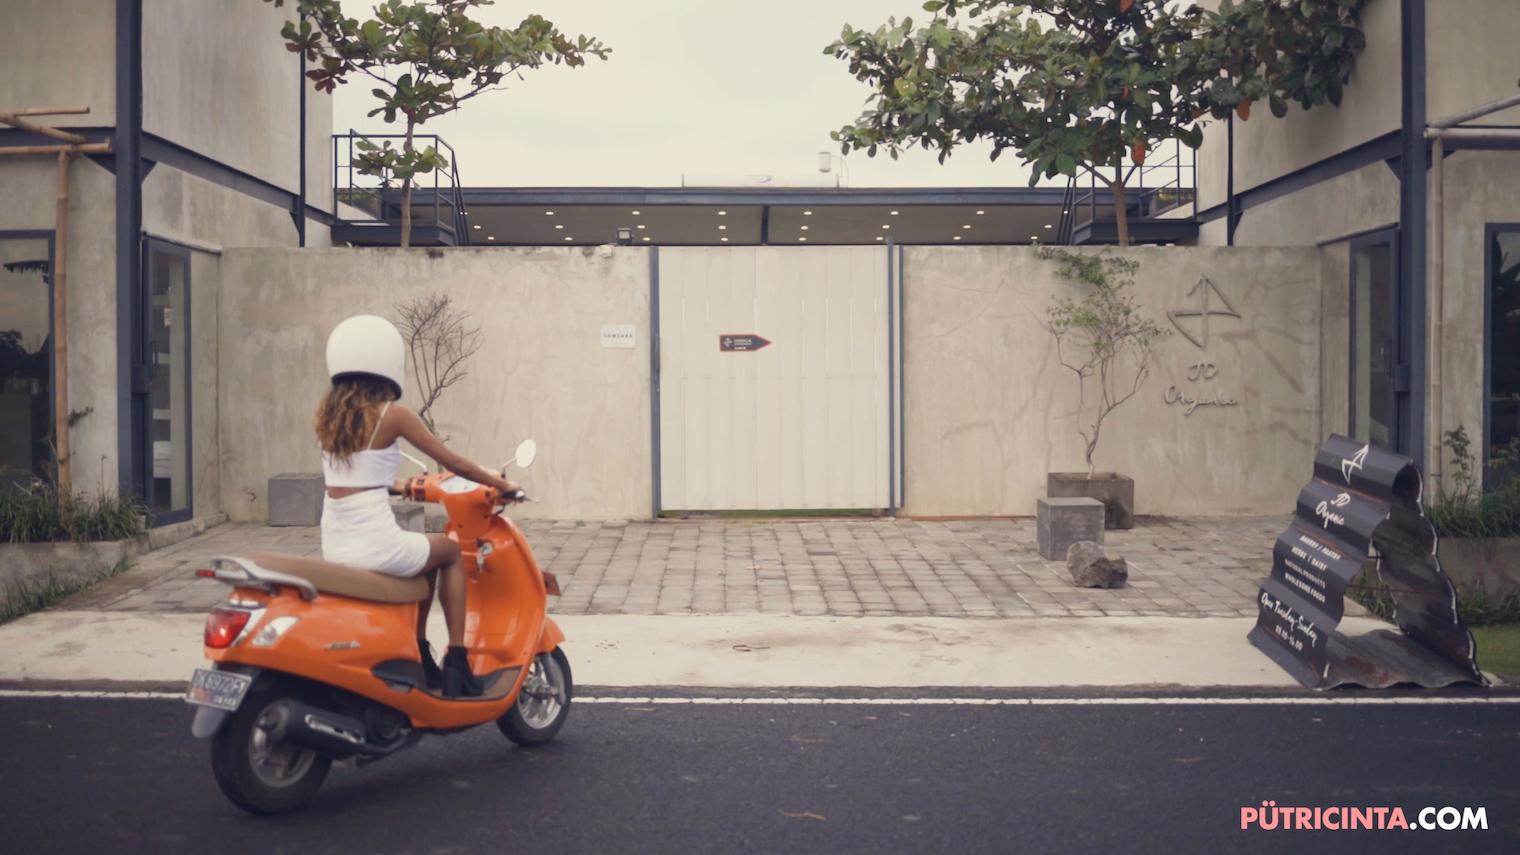 025-BikeWash-Putri-Cinta-Teaser-Stills-2.jpg